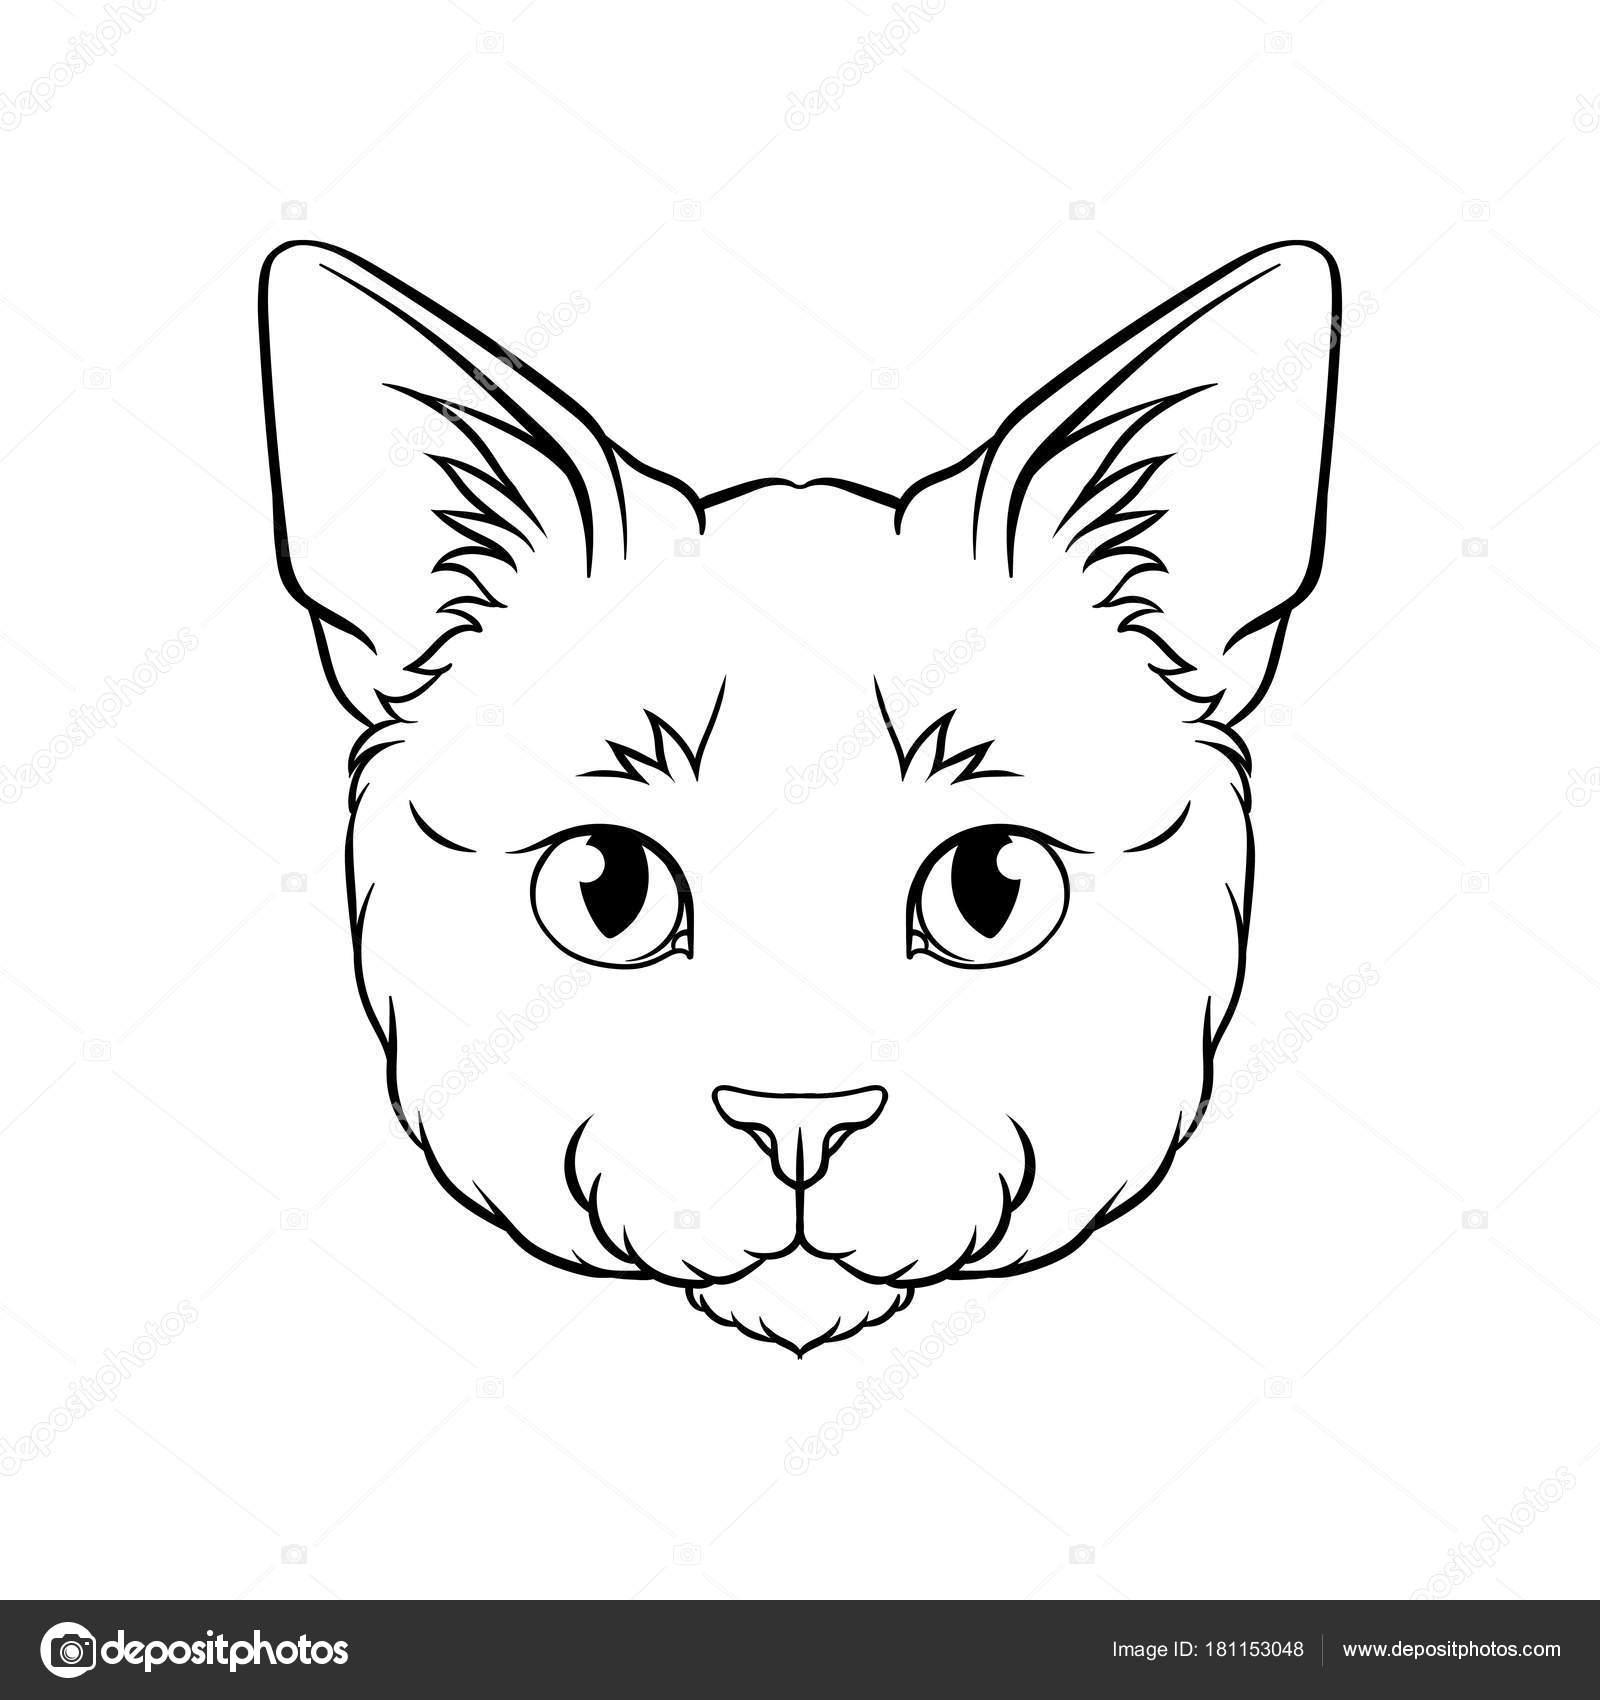 preto e branco desenho de cabeça de gatos rosto do vetor desenhado